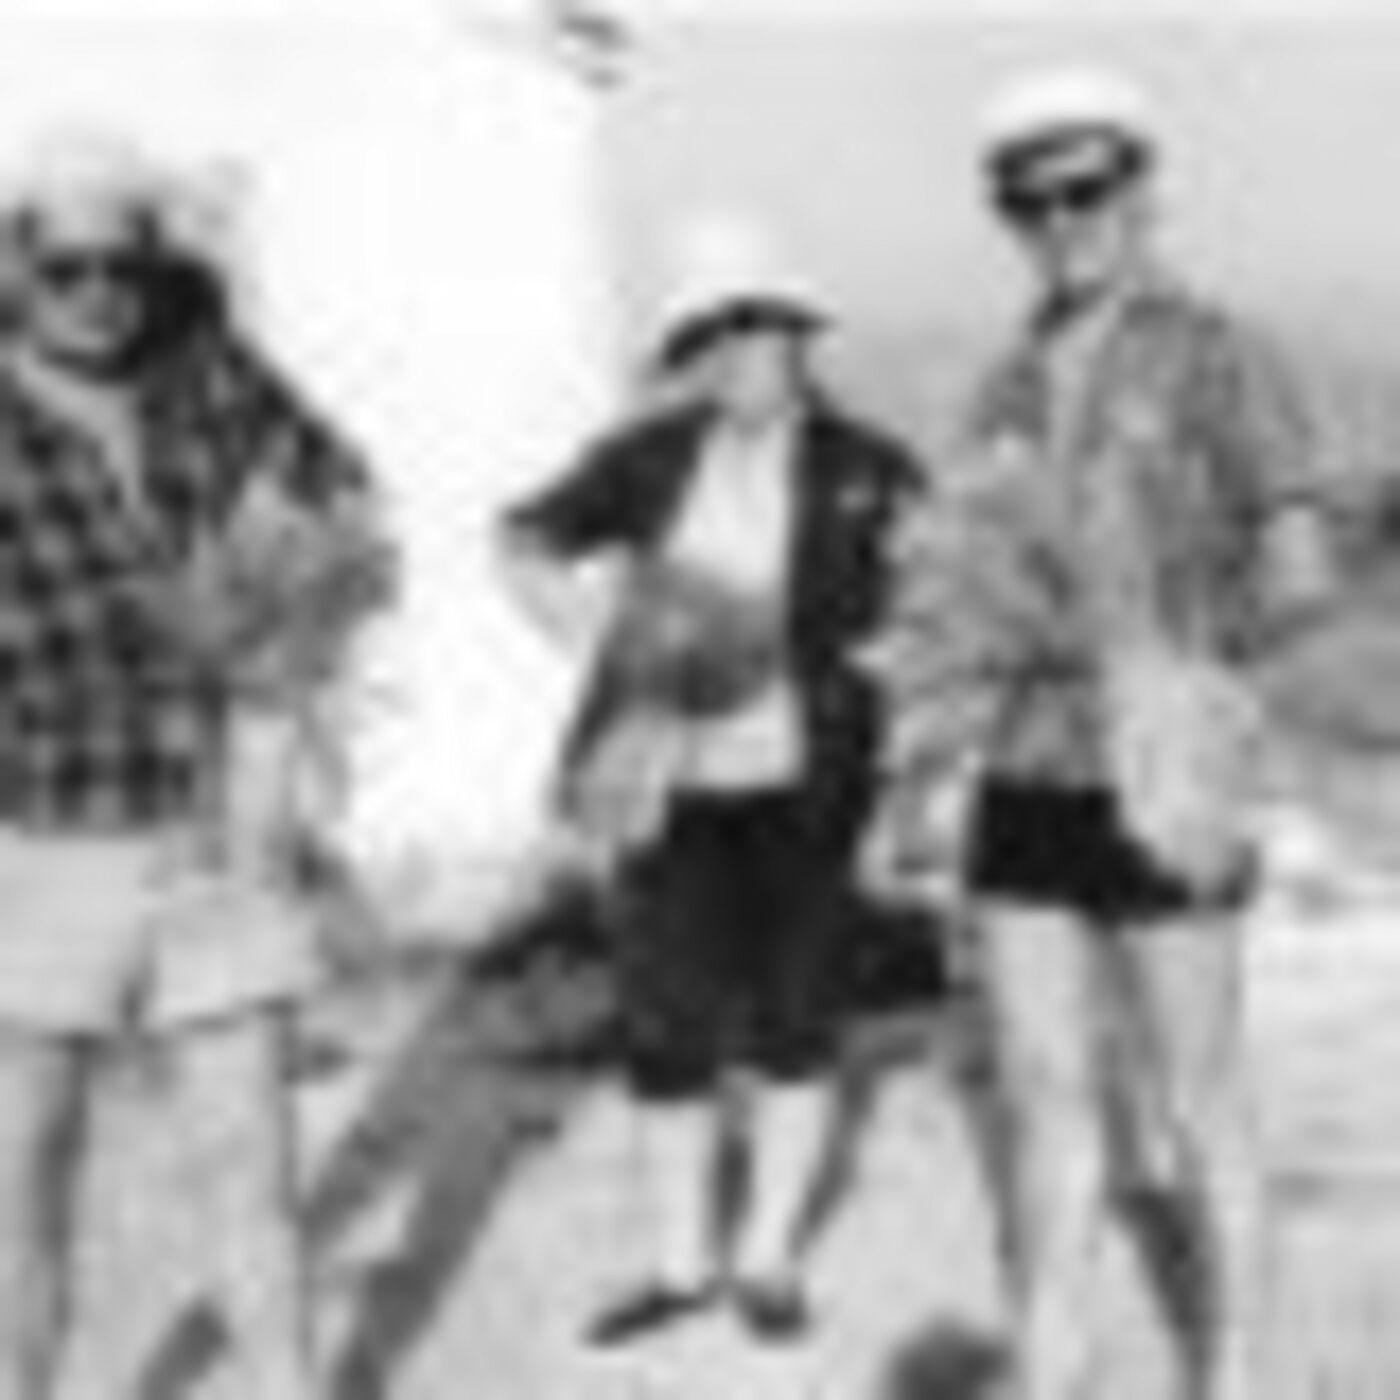 pod-Anapoj.-Gusev-Valerij-AleksandrovichOjshpits-Svetlana-Mihajlovna-i-Egorov-Andrej-Aleksandrovich